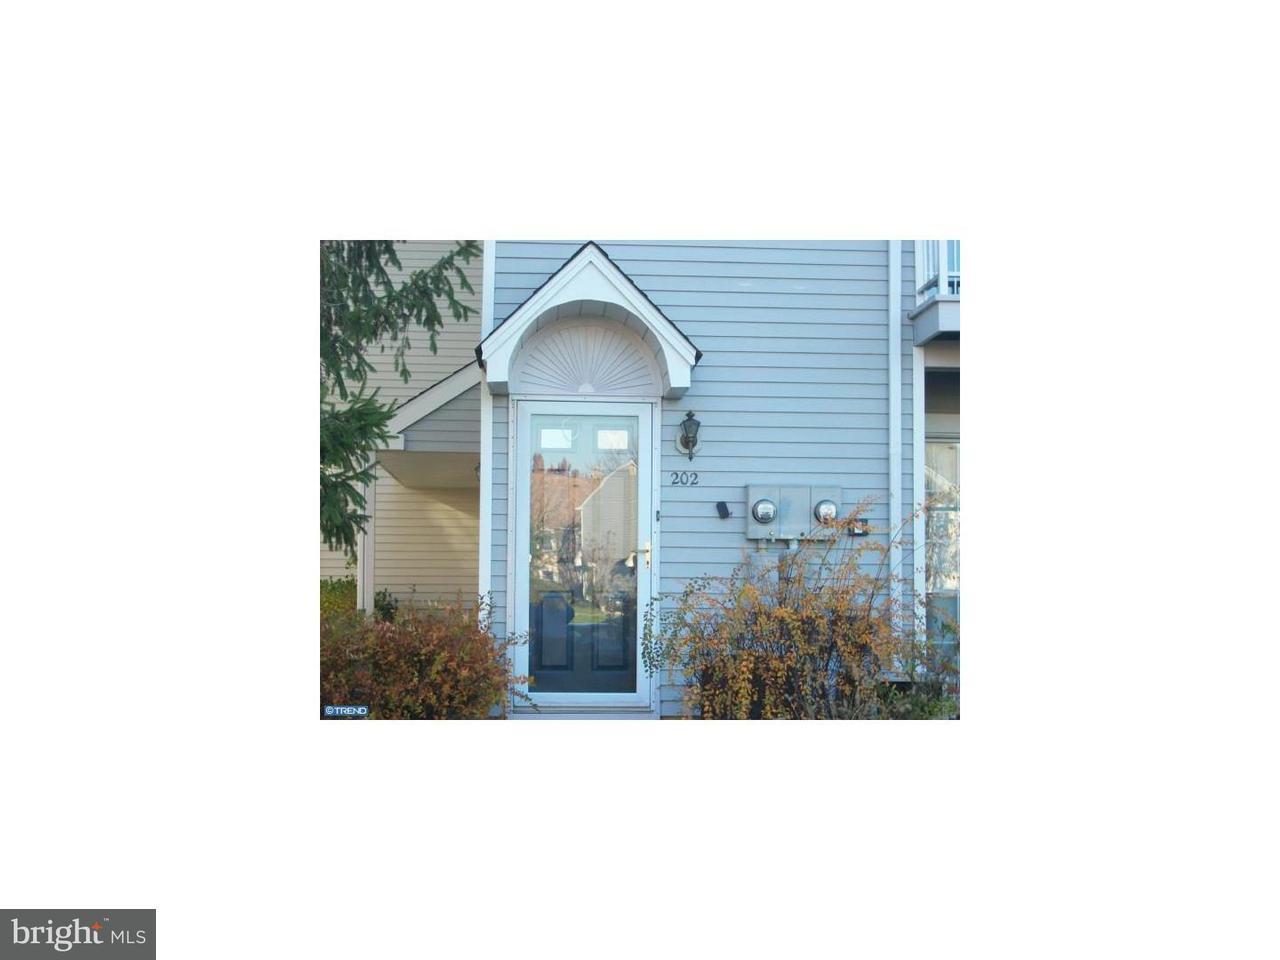 联栋屋 为 出租 在 202 WIMBLEDON WAY Blackwood, 新泽西州 08012 美国